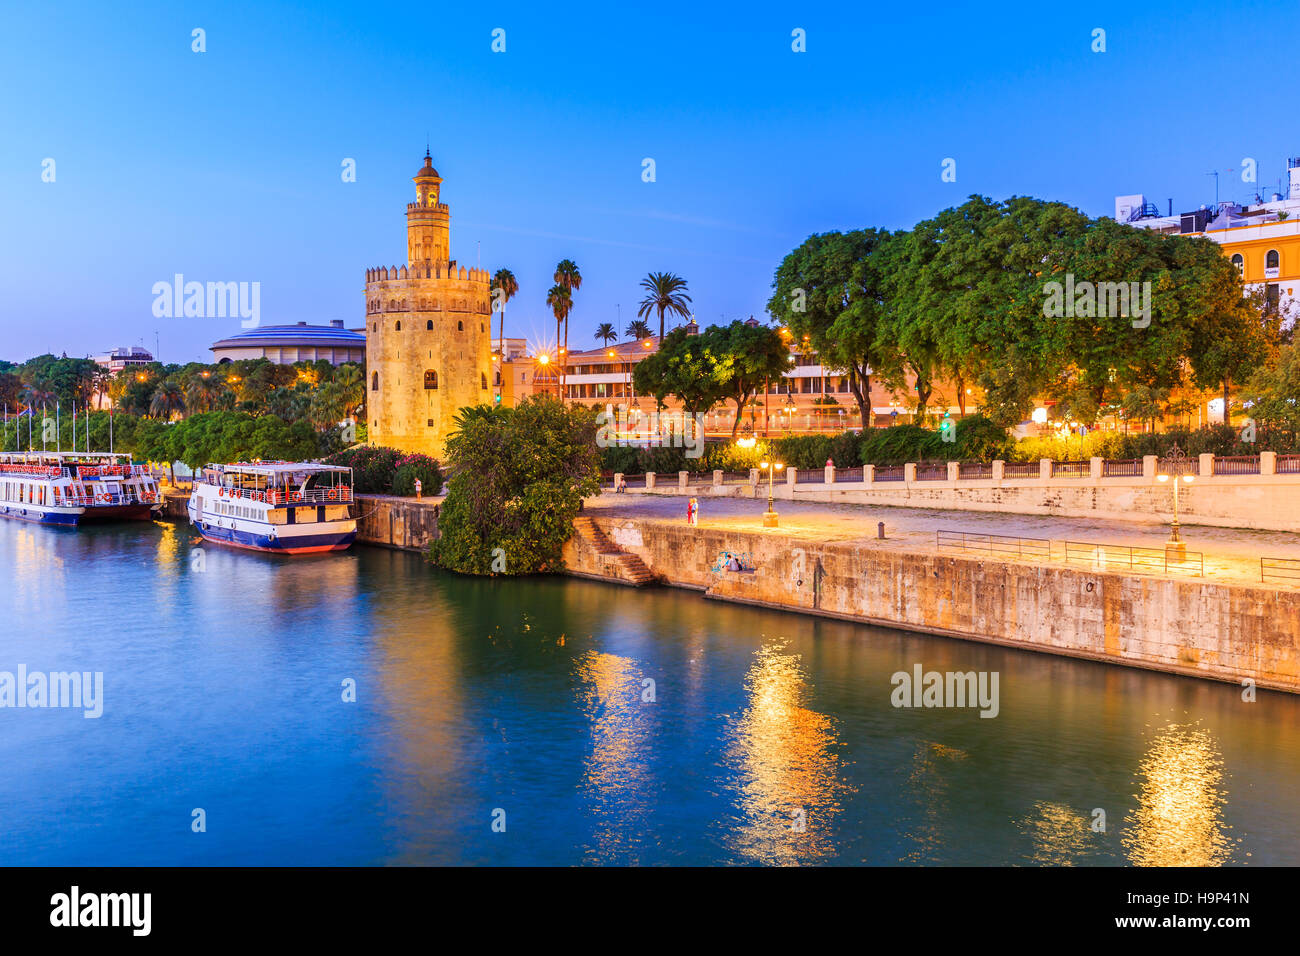 Sevilla, España. El río Guadalquivir y el Golden Tower (Torre del Oro) Foto de stock